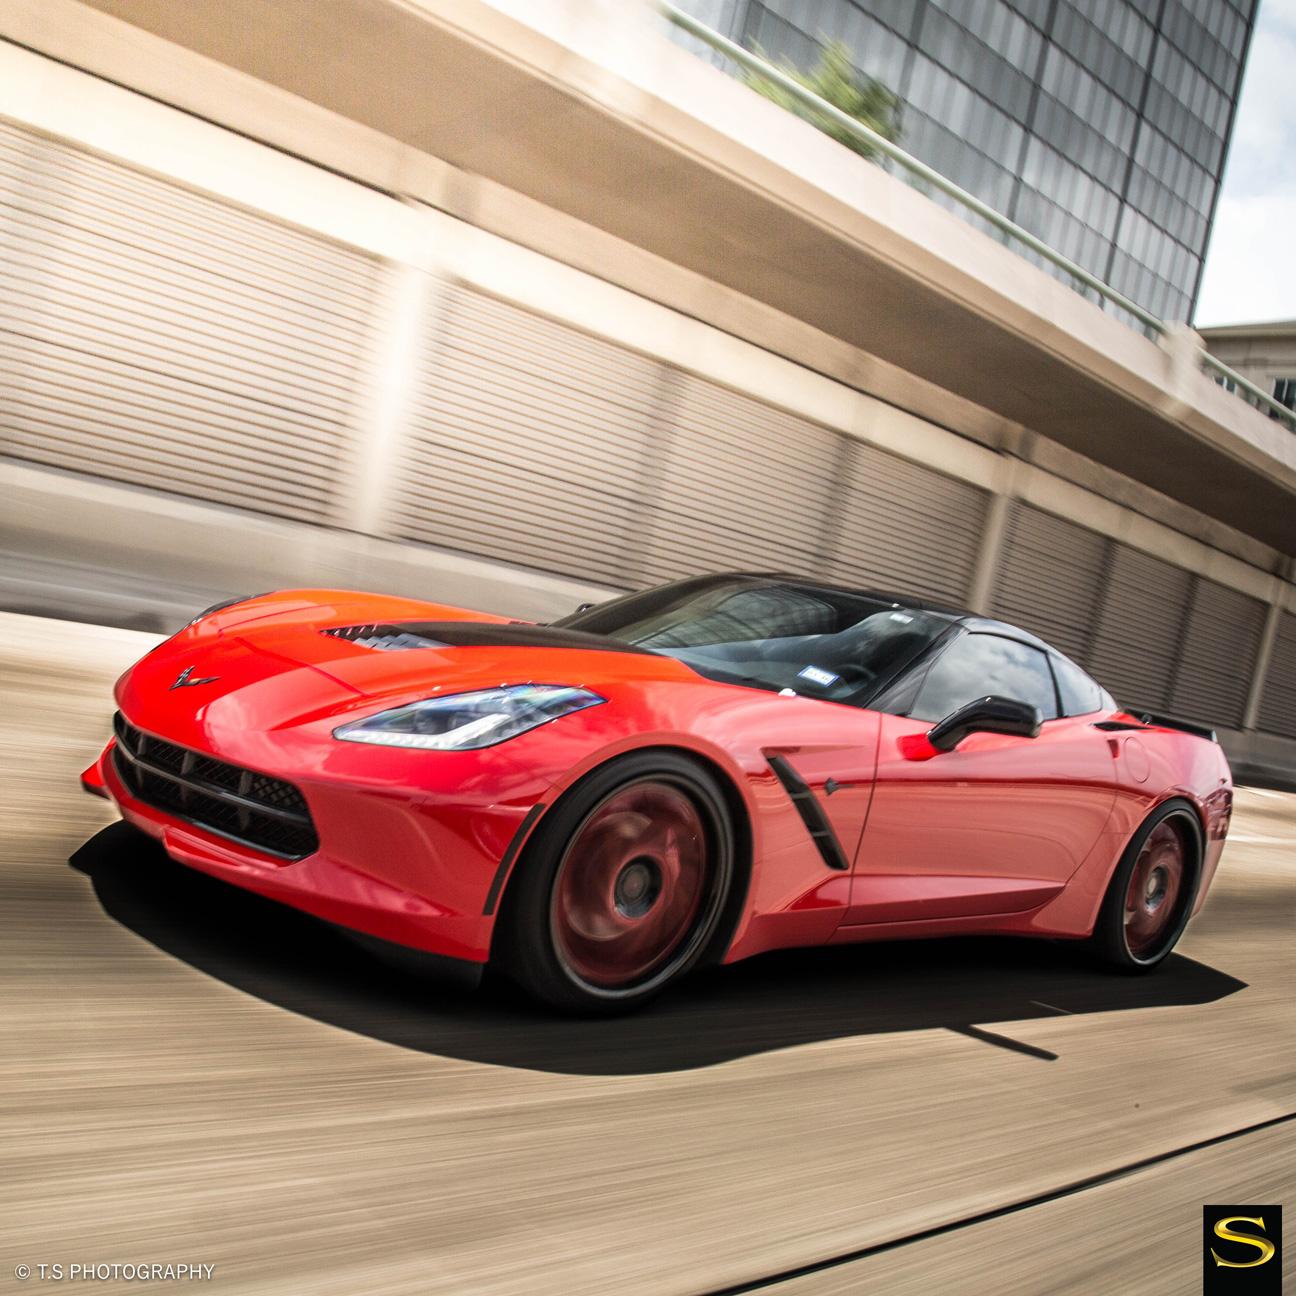 savini-diamond-lazio-black-with-red-accents-corvette-c7-stingray-(8)